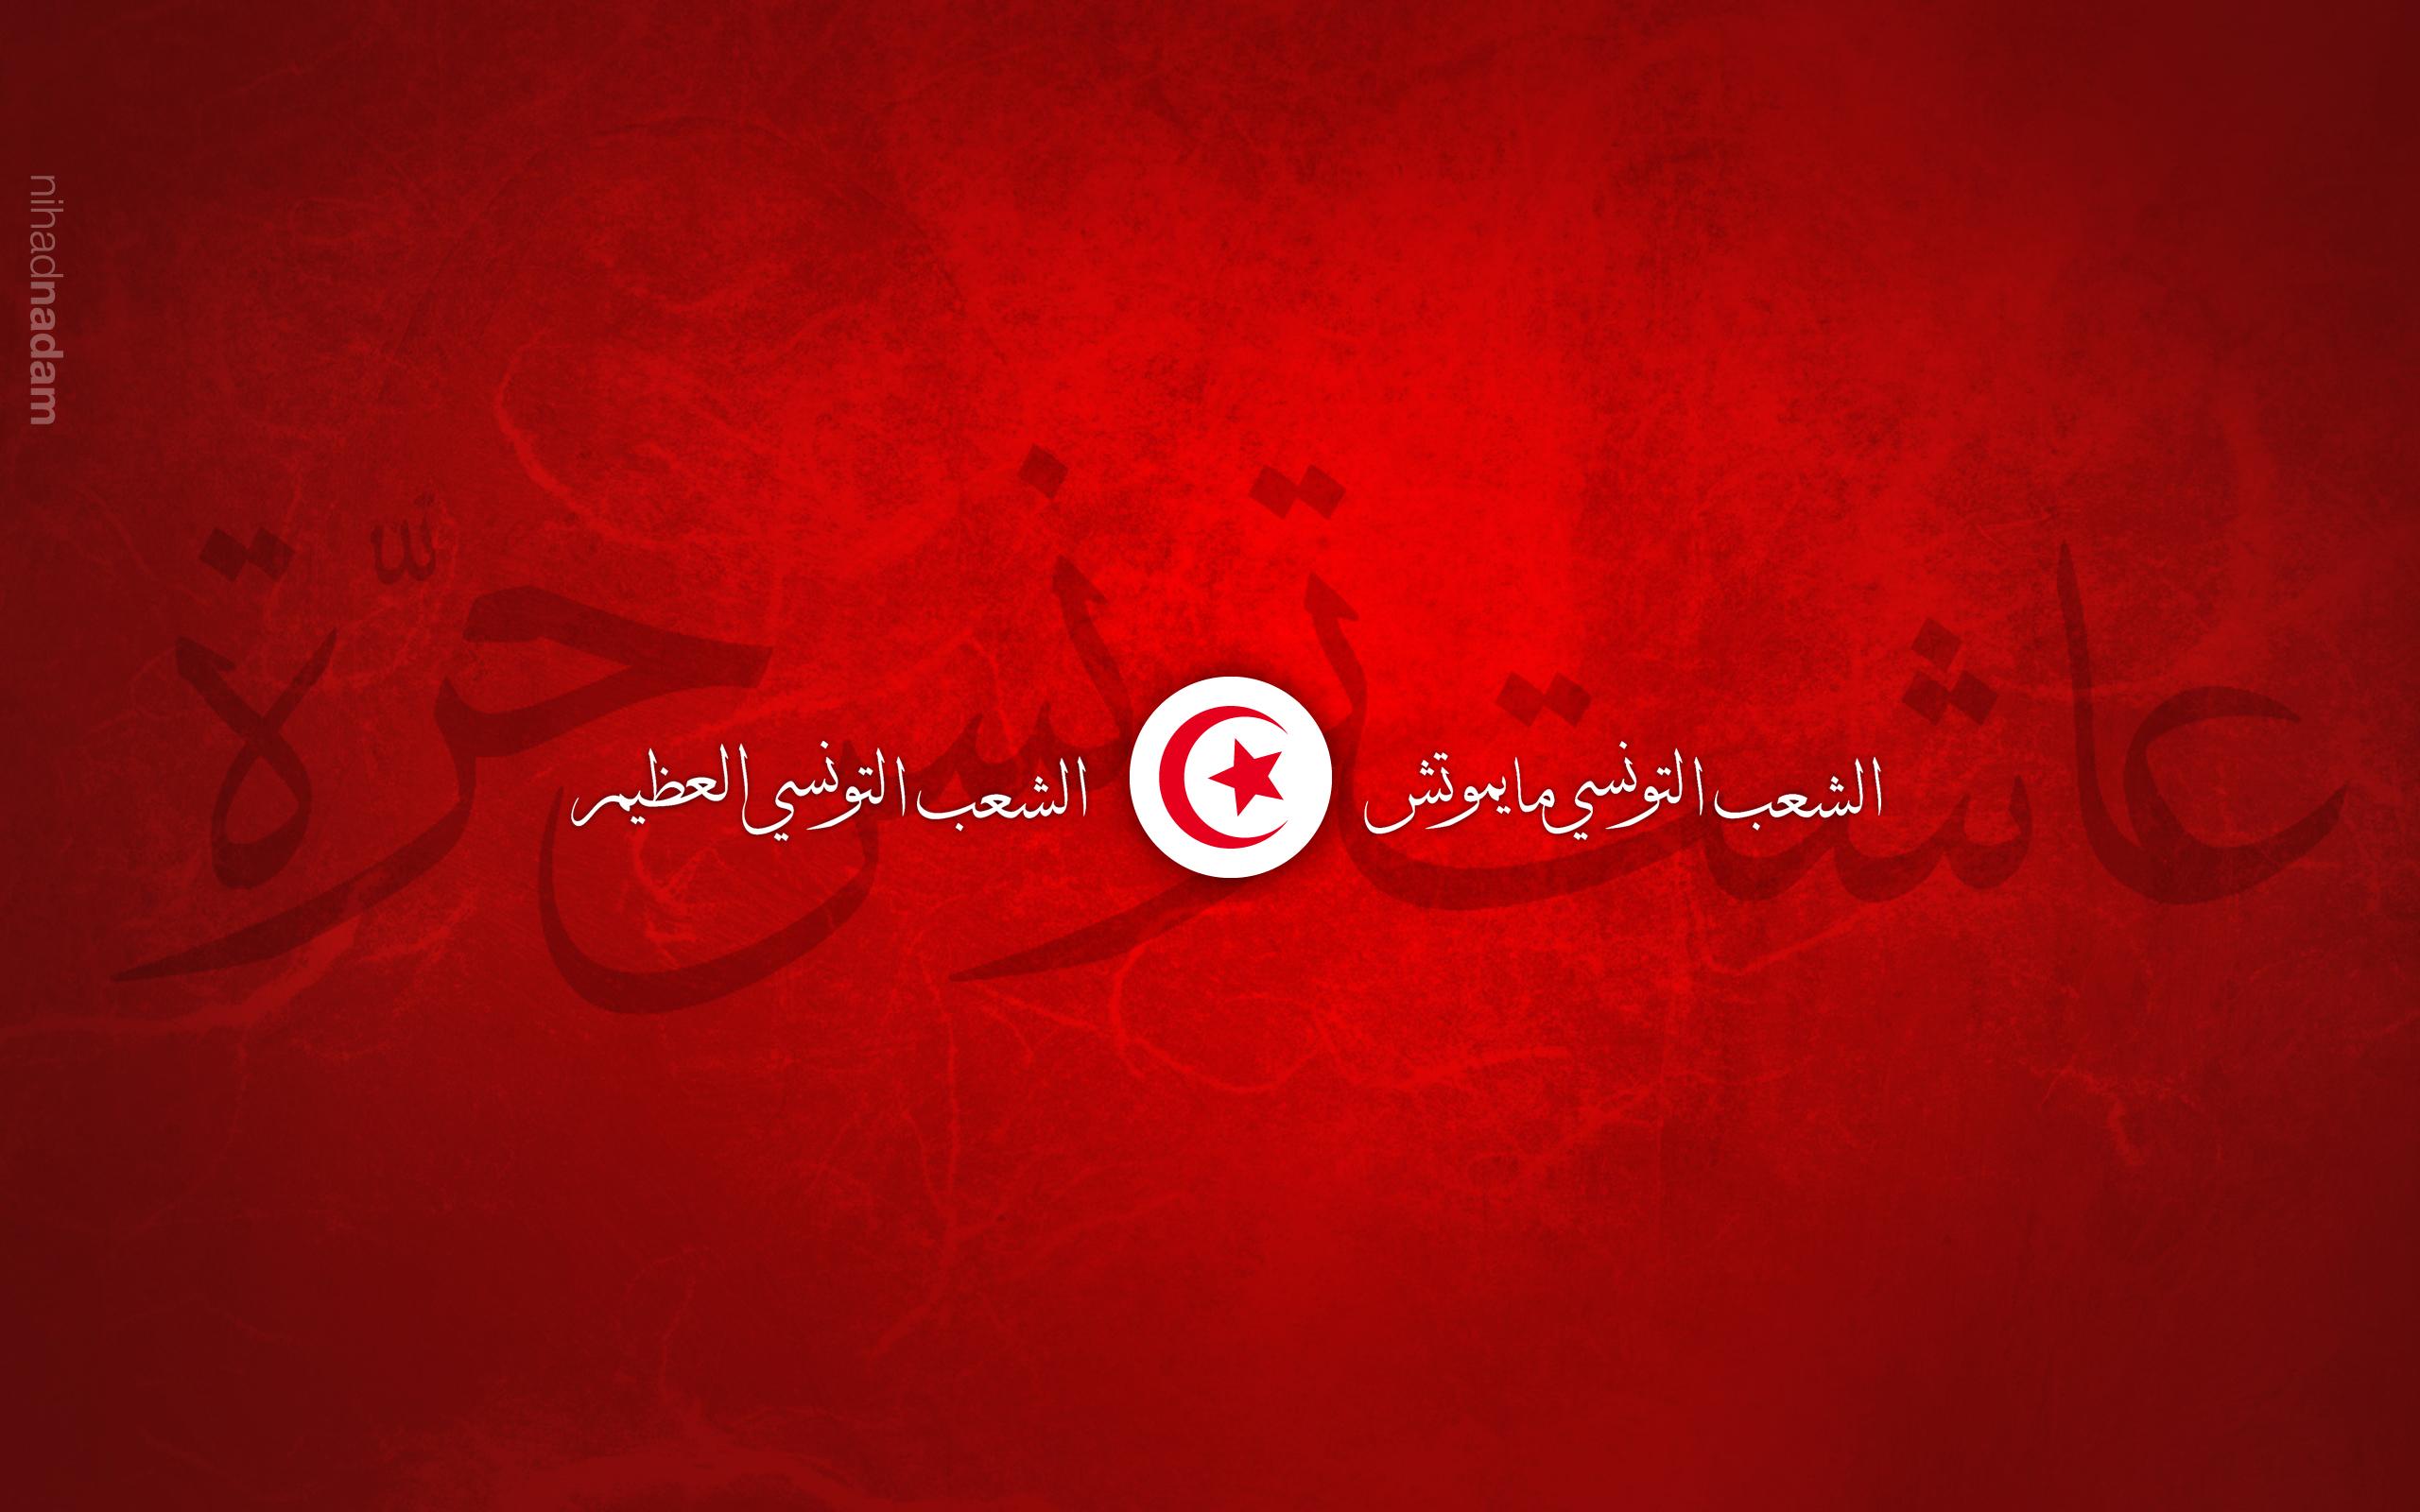 Tunisia Desktop by Nihadov 2560x1600